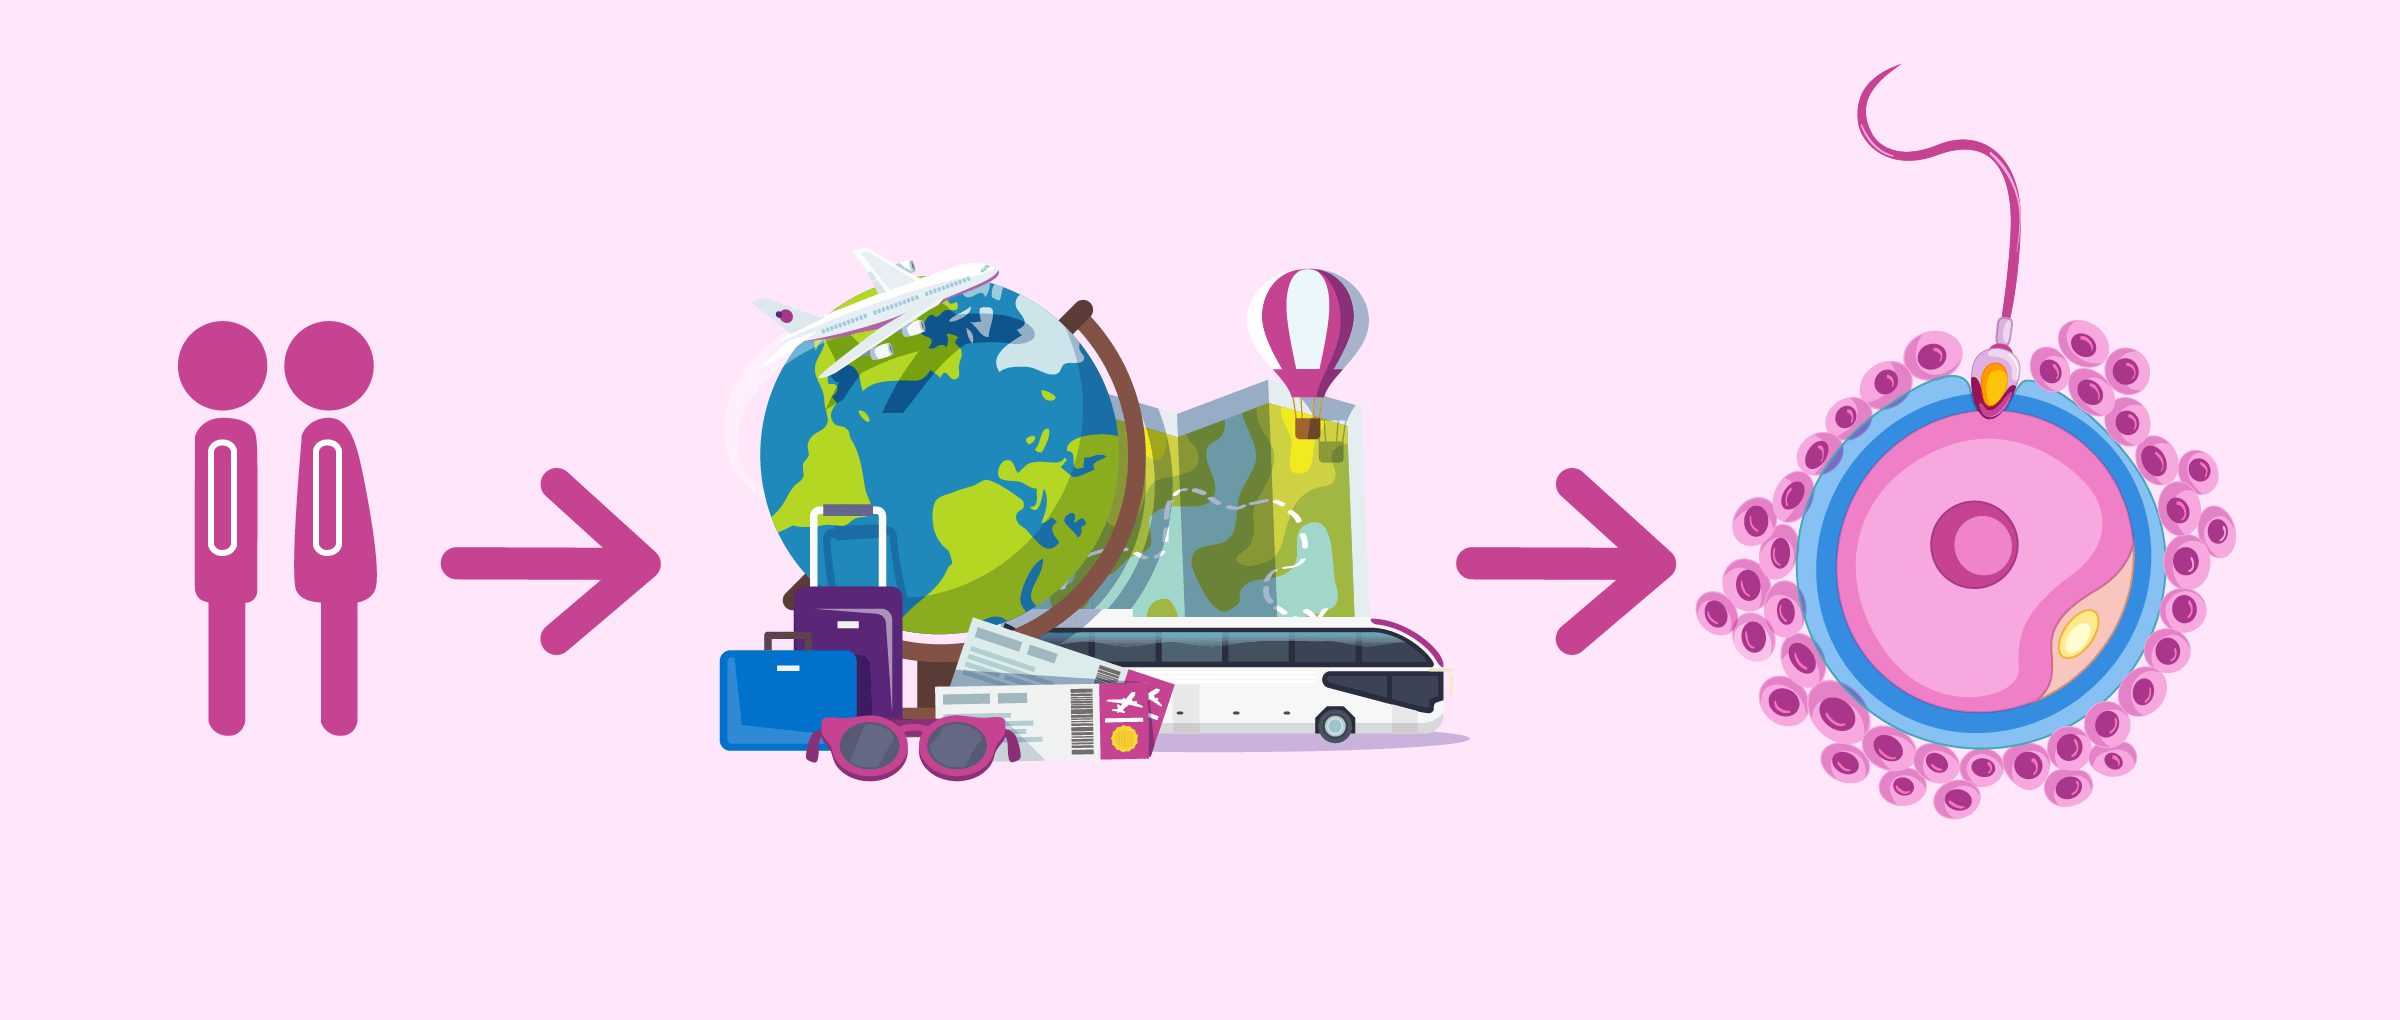 Turismo reproductivo o de fertilidad: definición, características y destinos